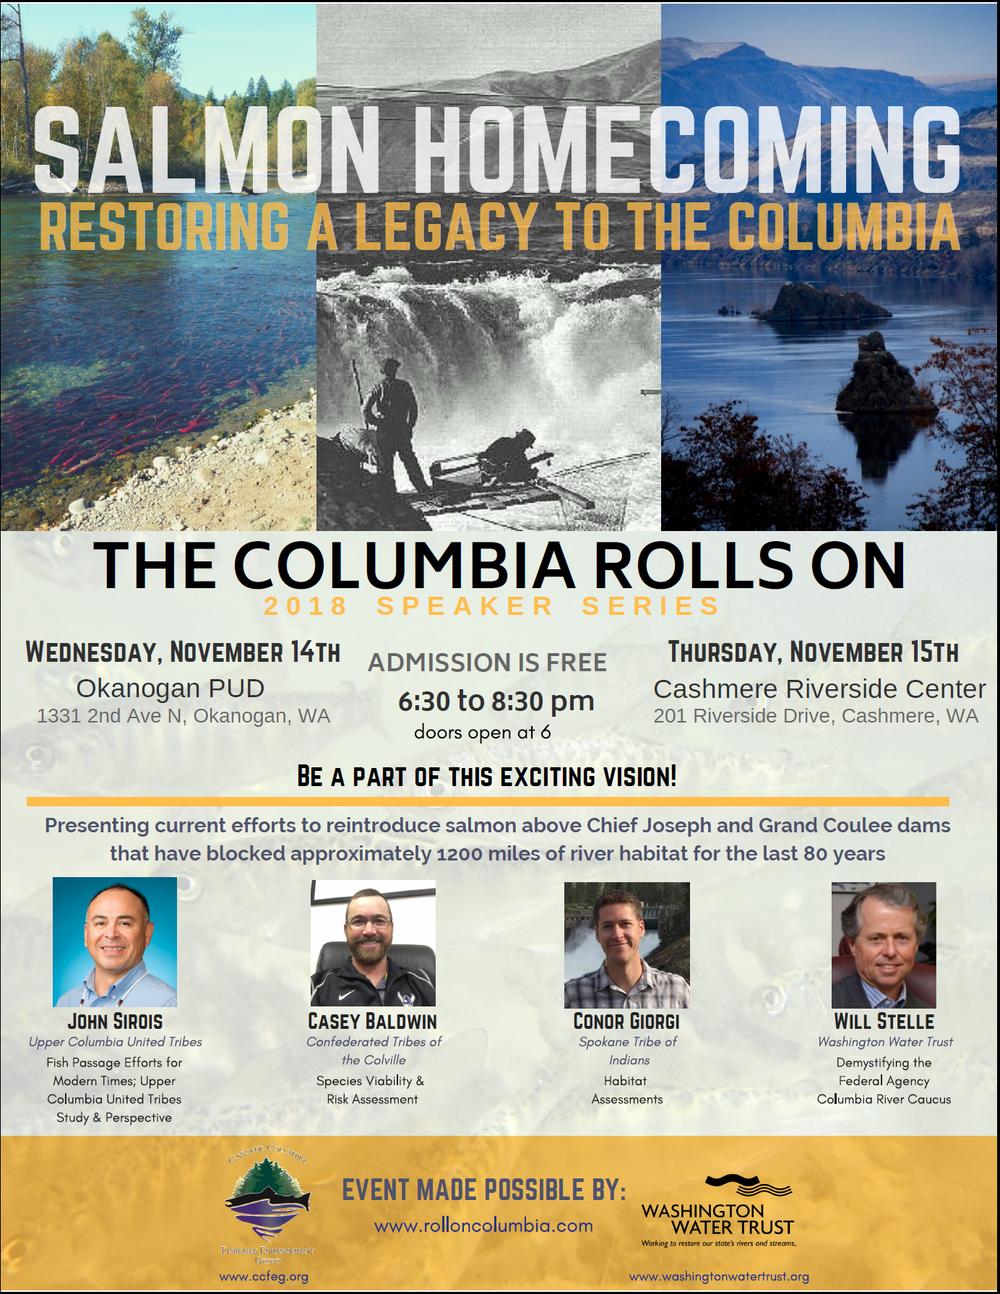 salmoncominghome.png